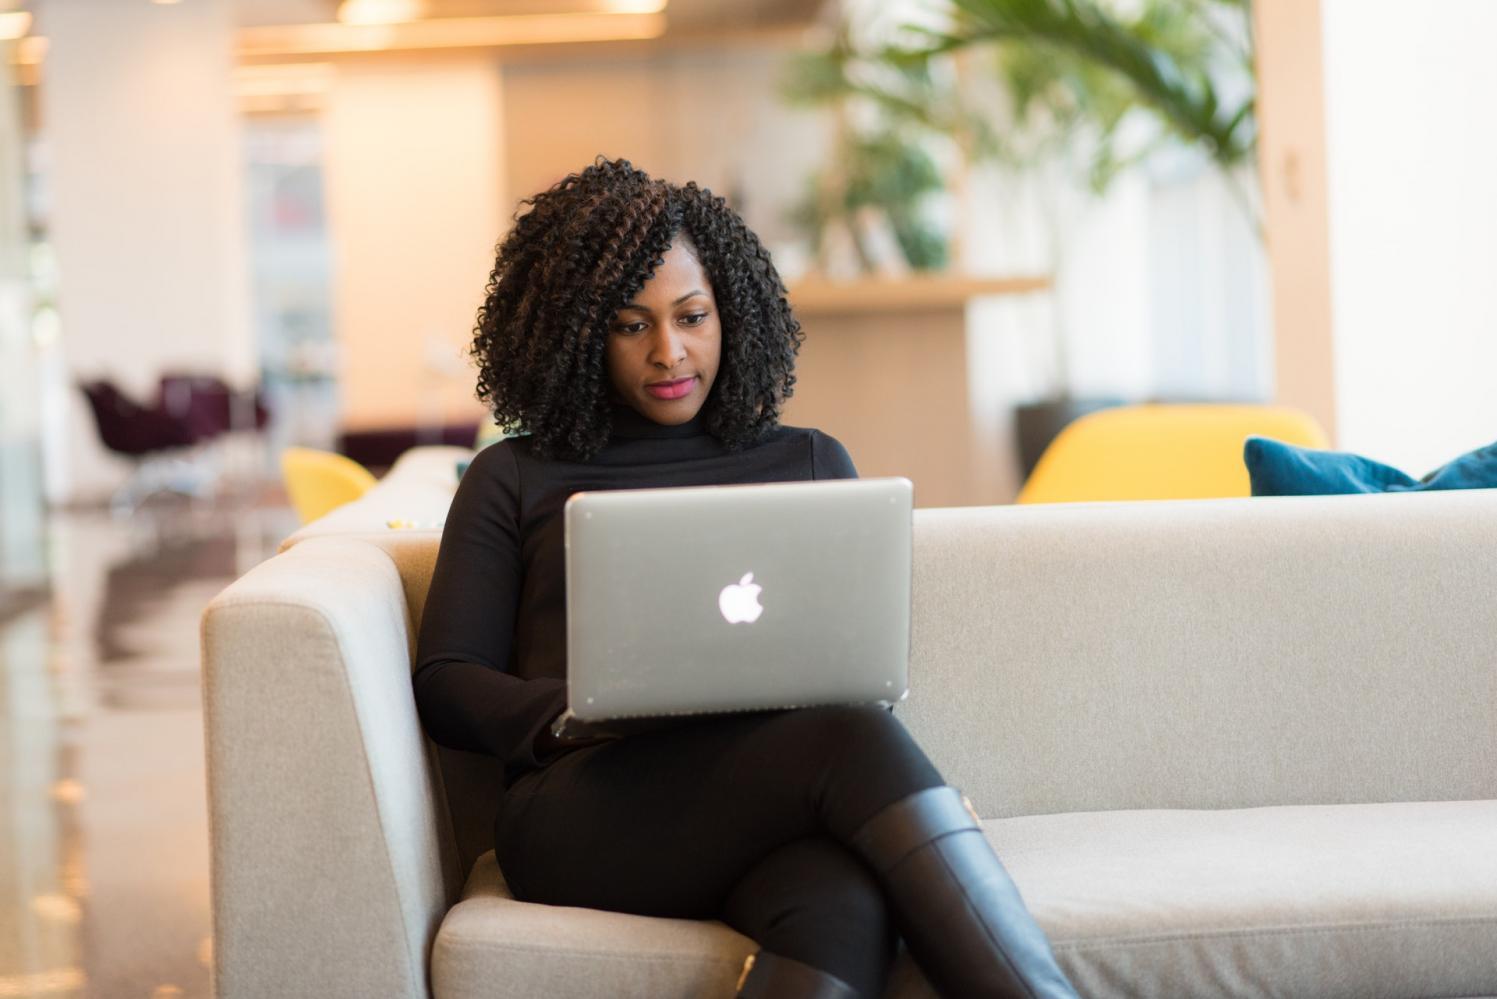 Pequenas e médias empresas pretendem aumentar presença online em 2021